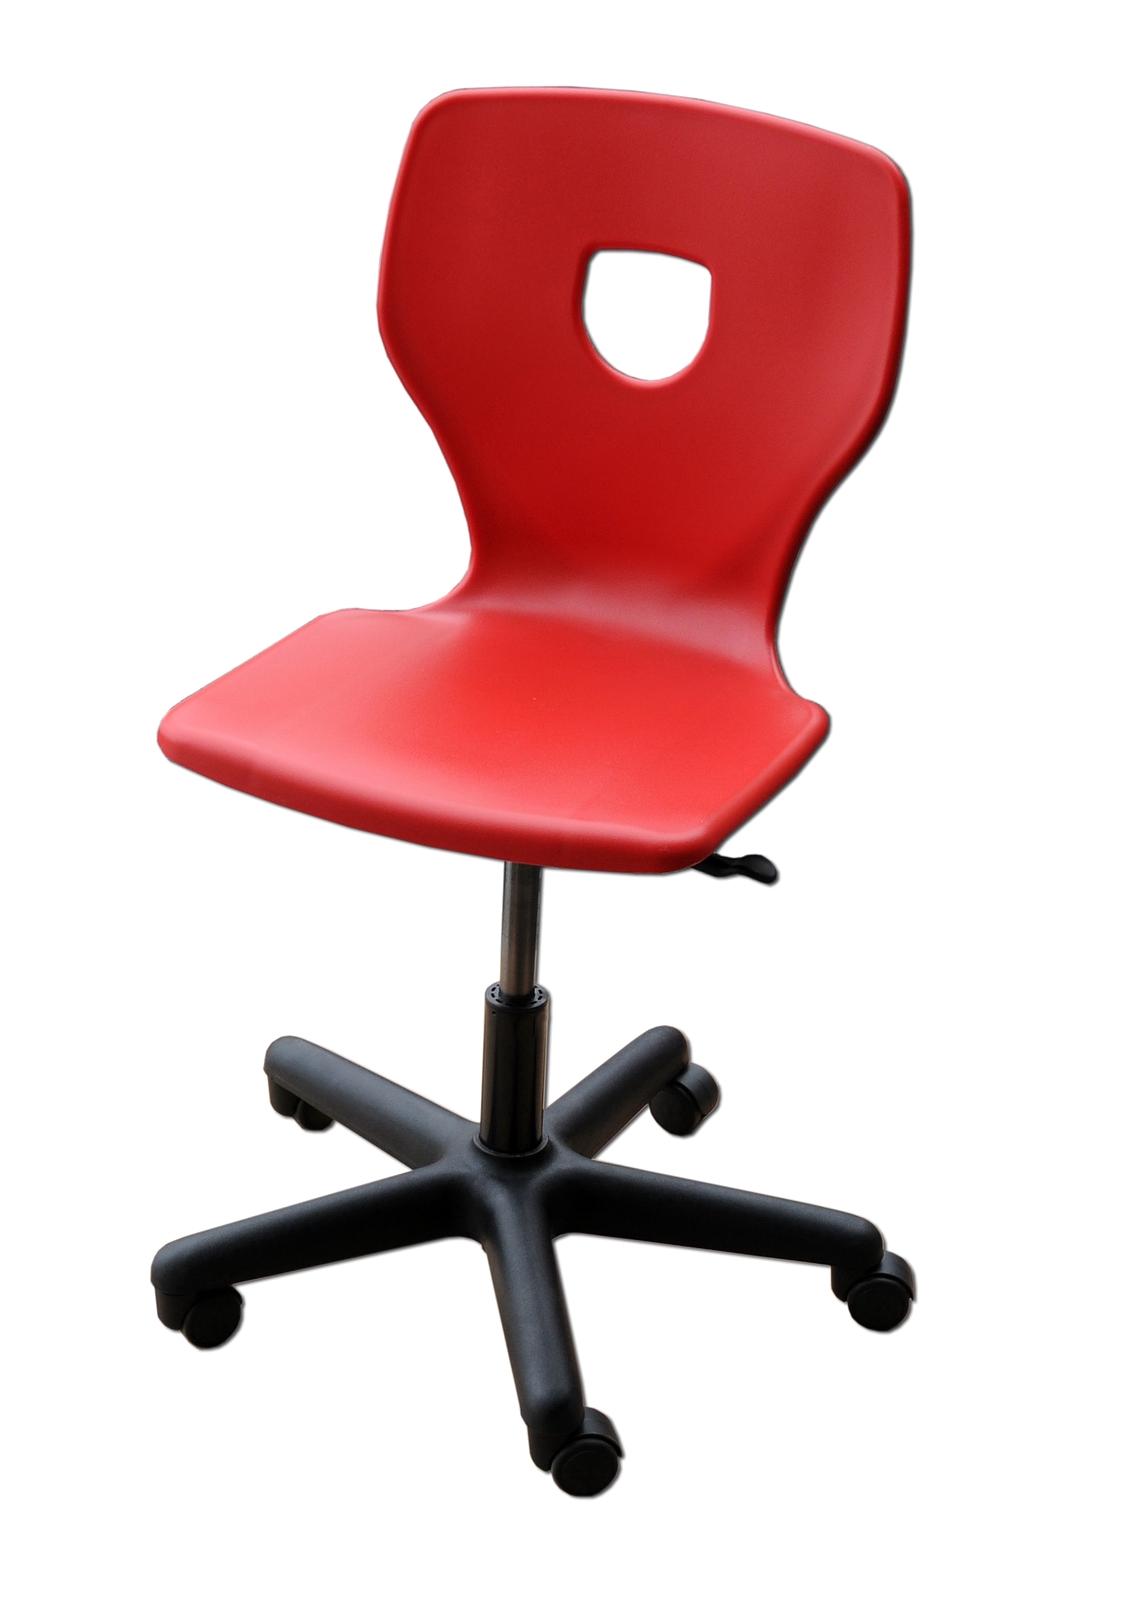 chaise de bureau. Black Bedroom Furniture Sets. Home Design Ideas